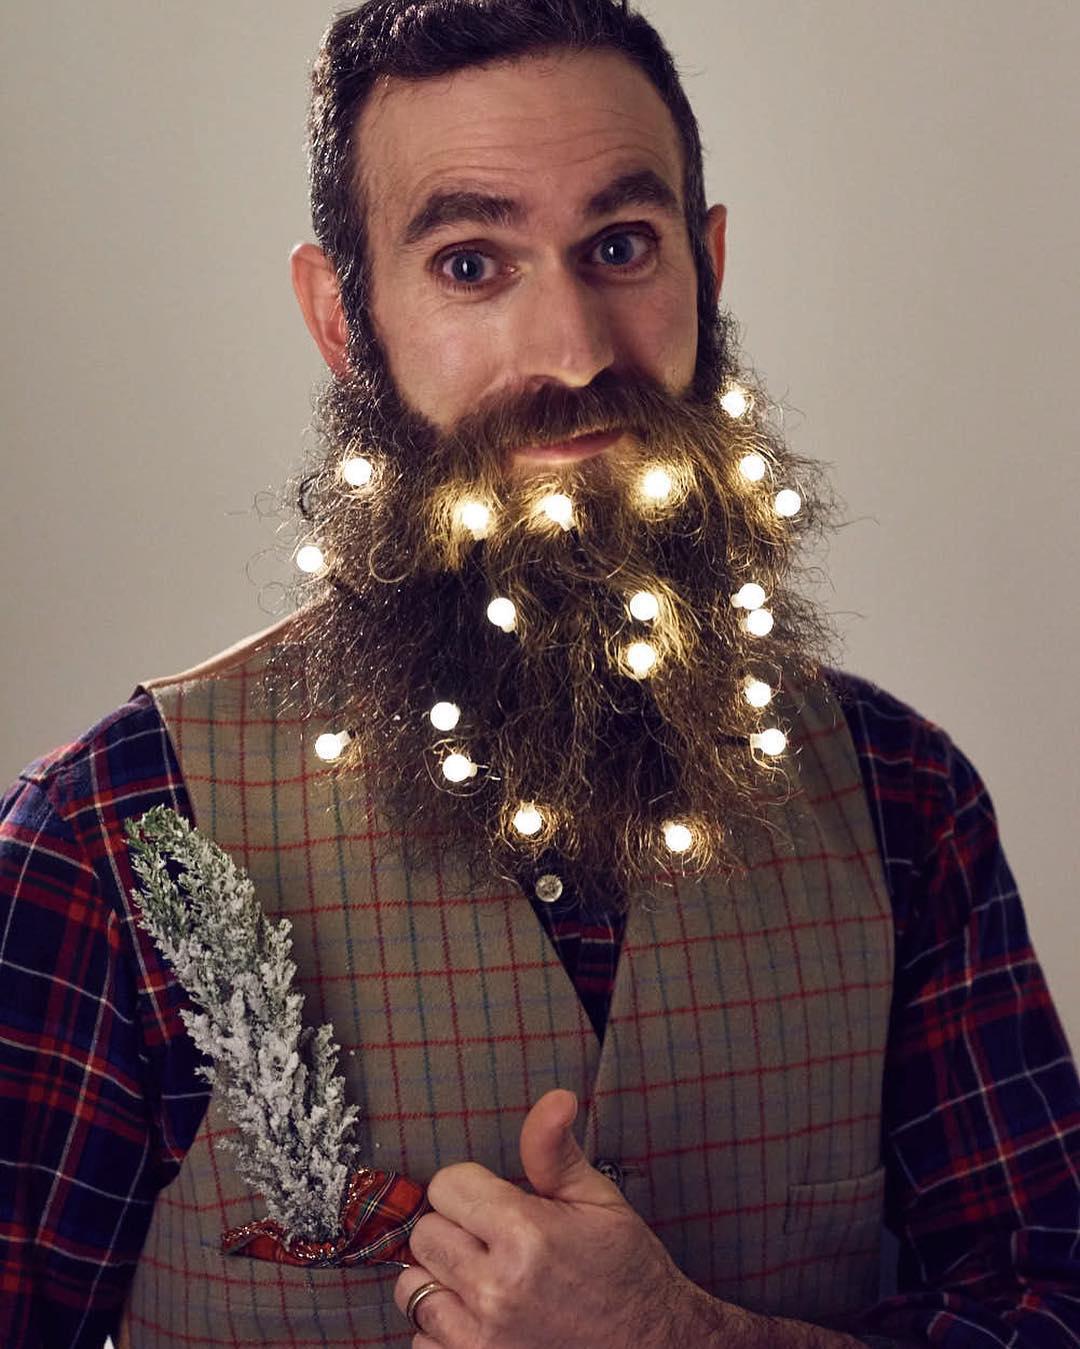 Big hairy man christmas